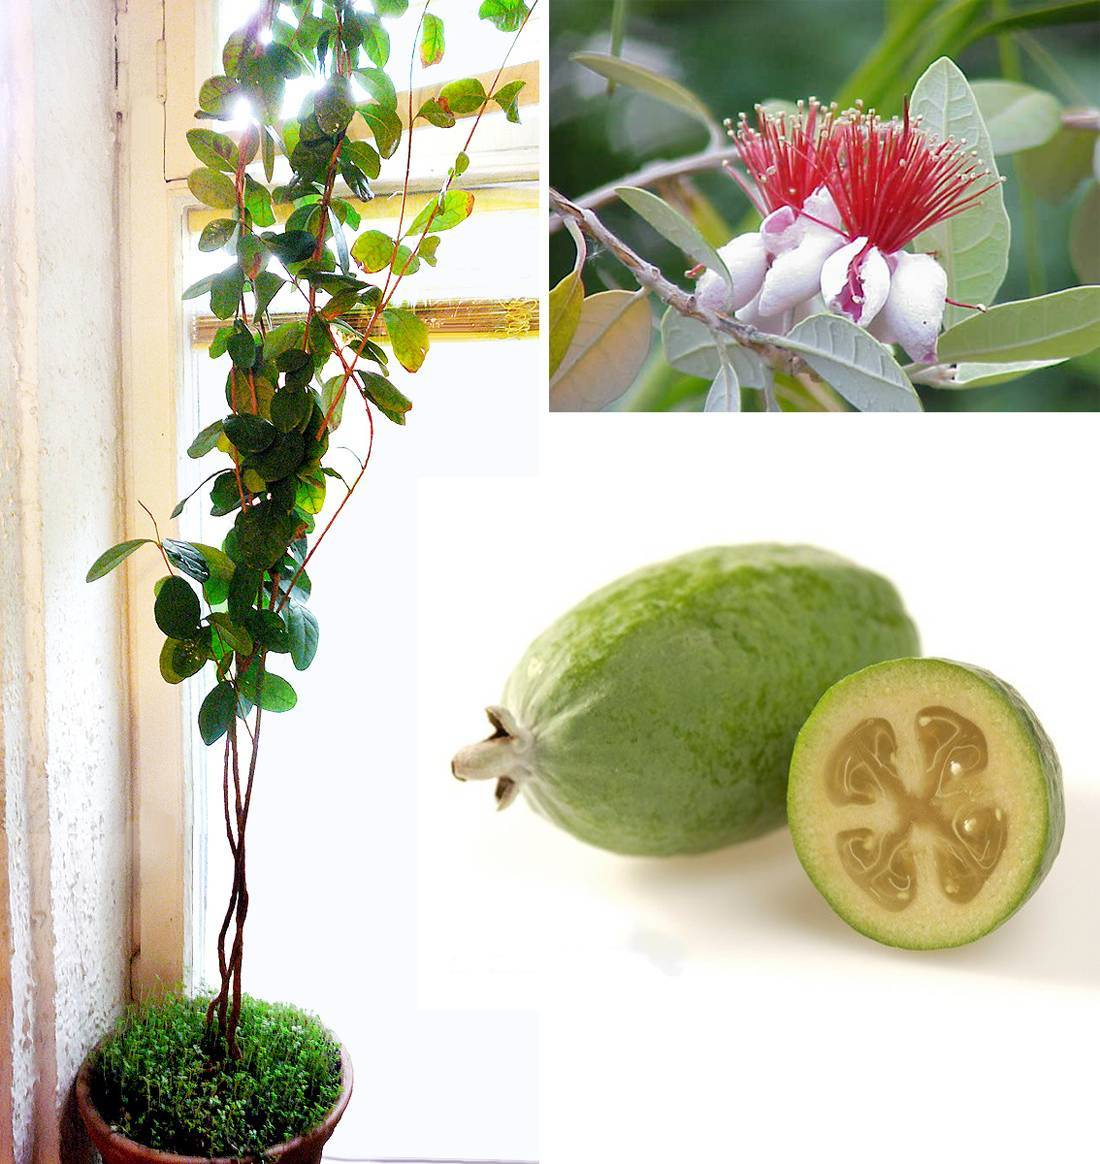 Фейхоа: фото видов, описание растения акка и что это такое